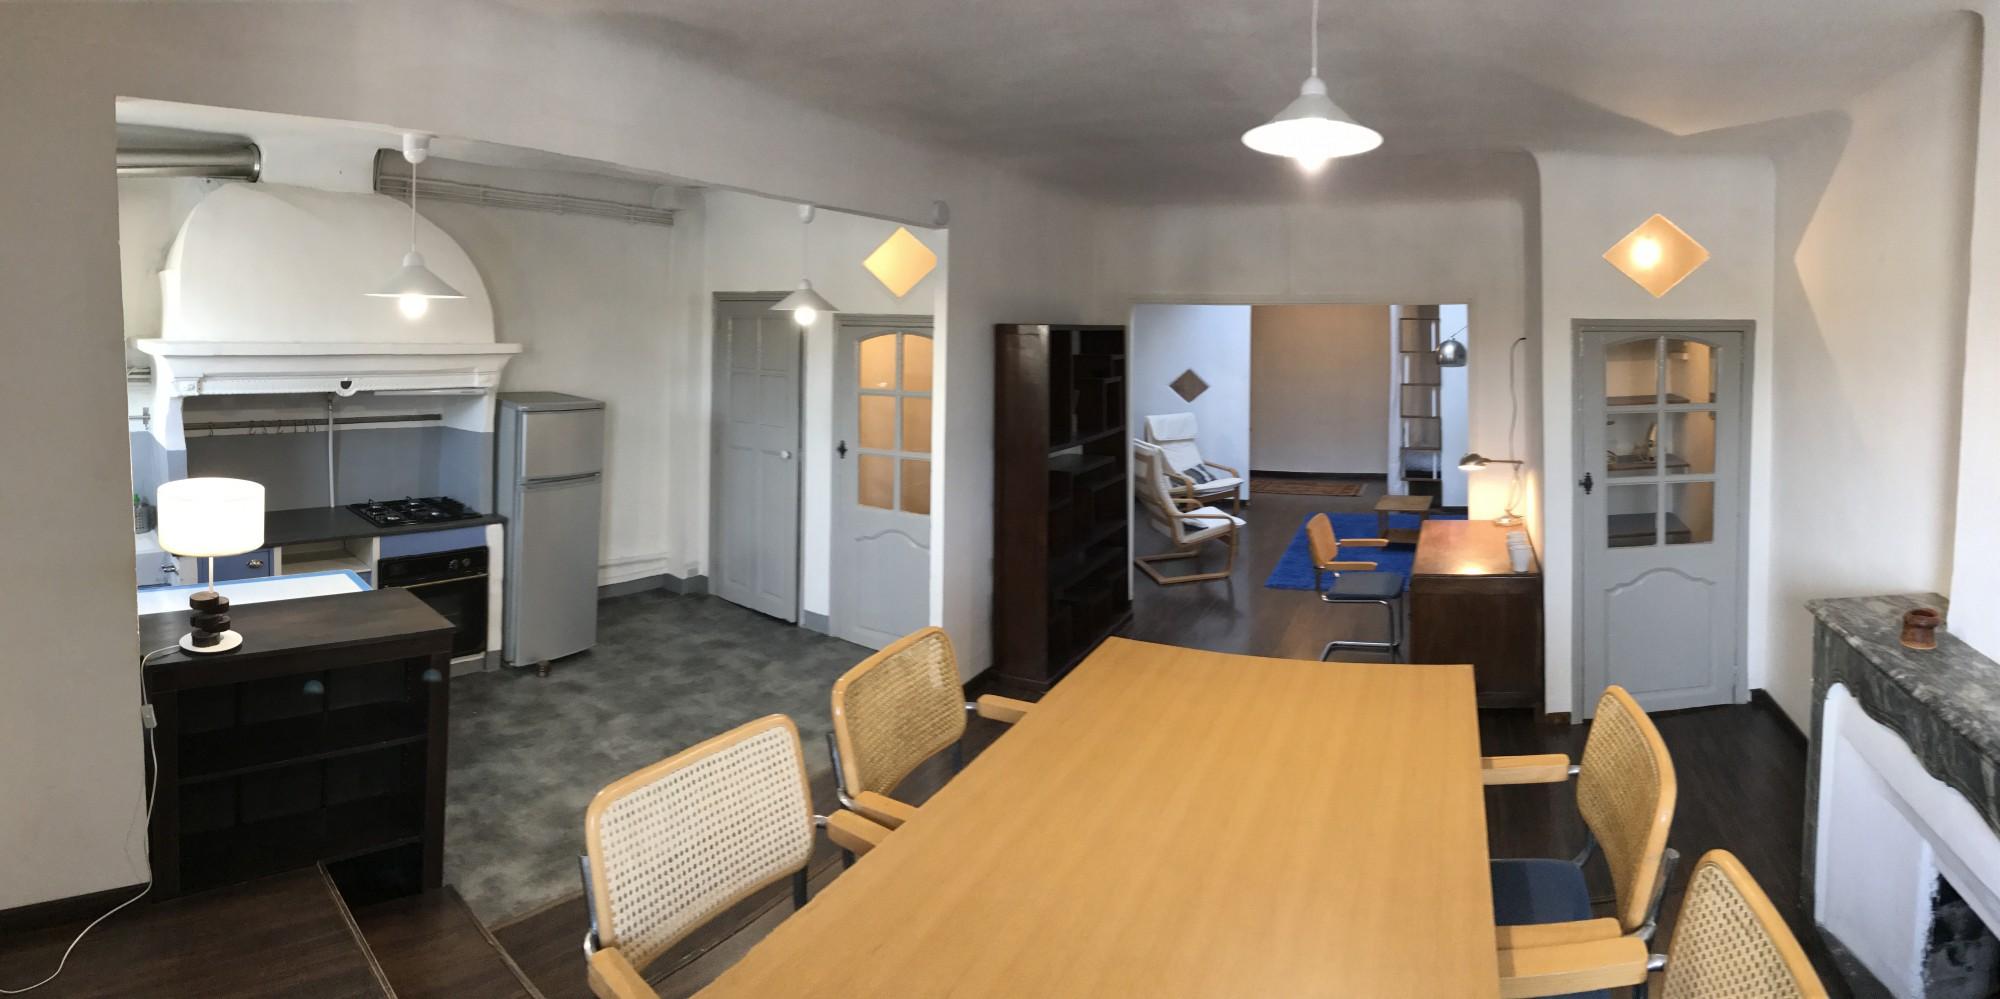 Location APPARTEMENT MEUBLÉ T1 - 13001 - Place aux huiles , vieux port - Loft, meublé, dernier étage, ascenseur,